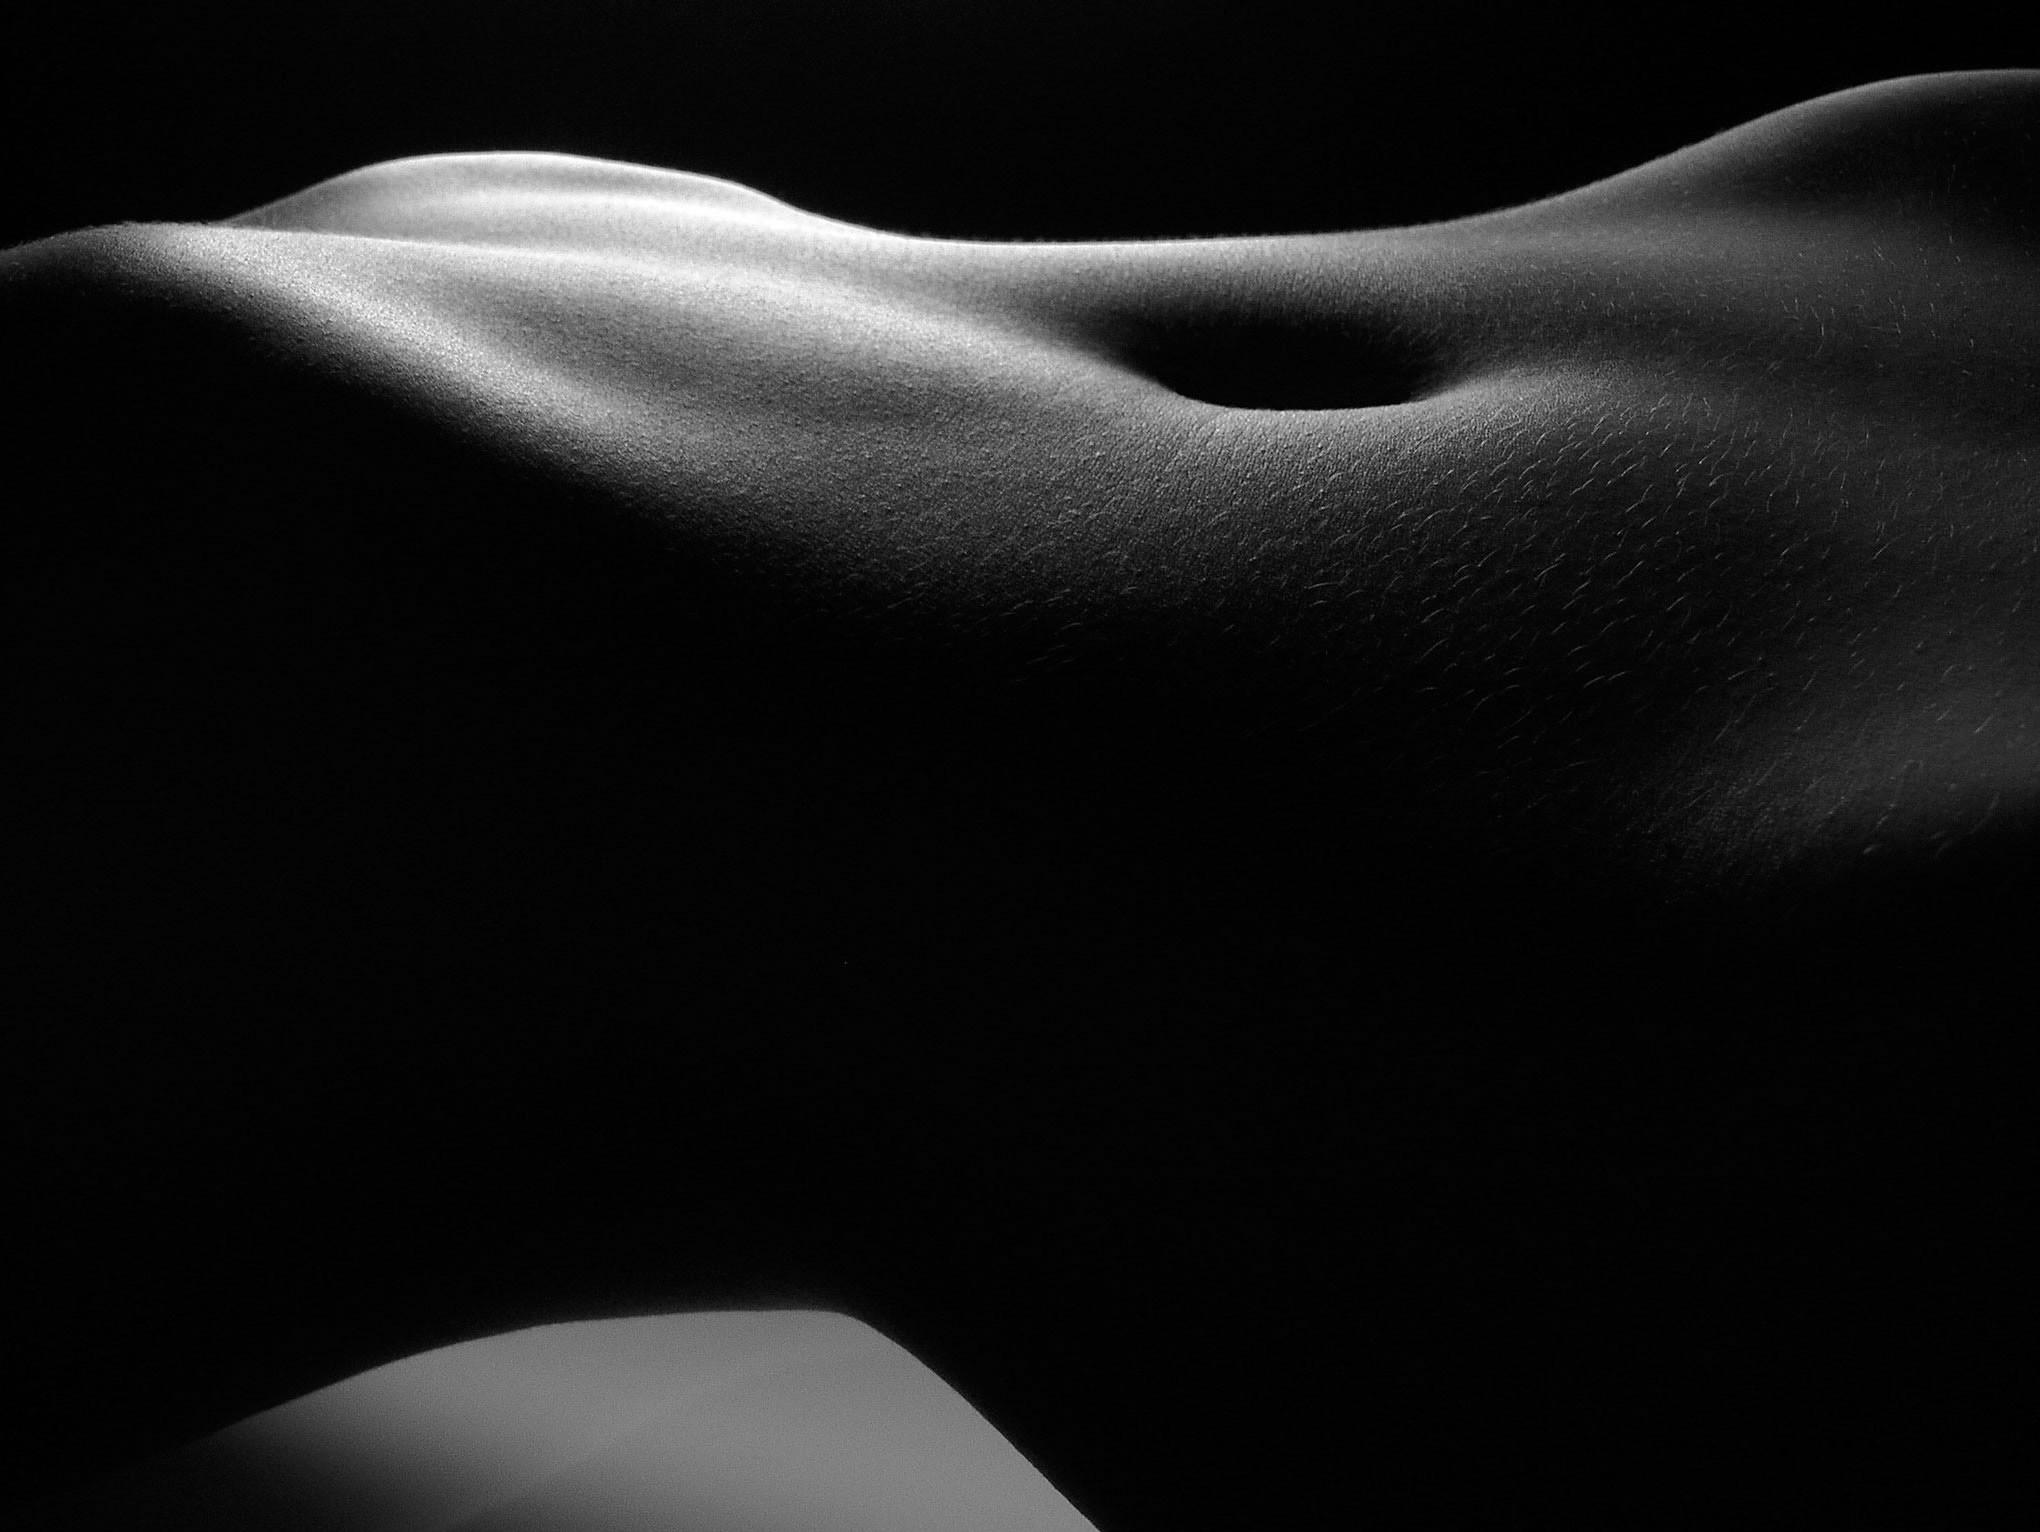 Wallpaper women shadow belly light hand darkness sense arm